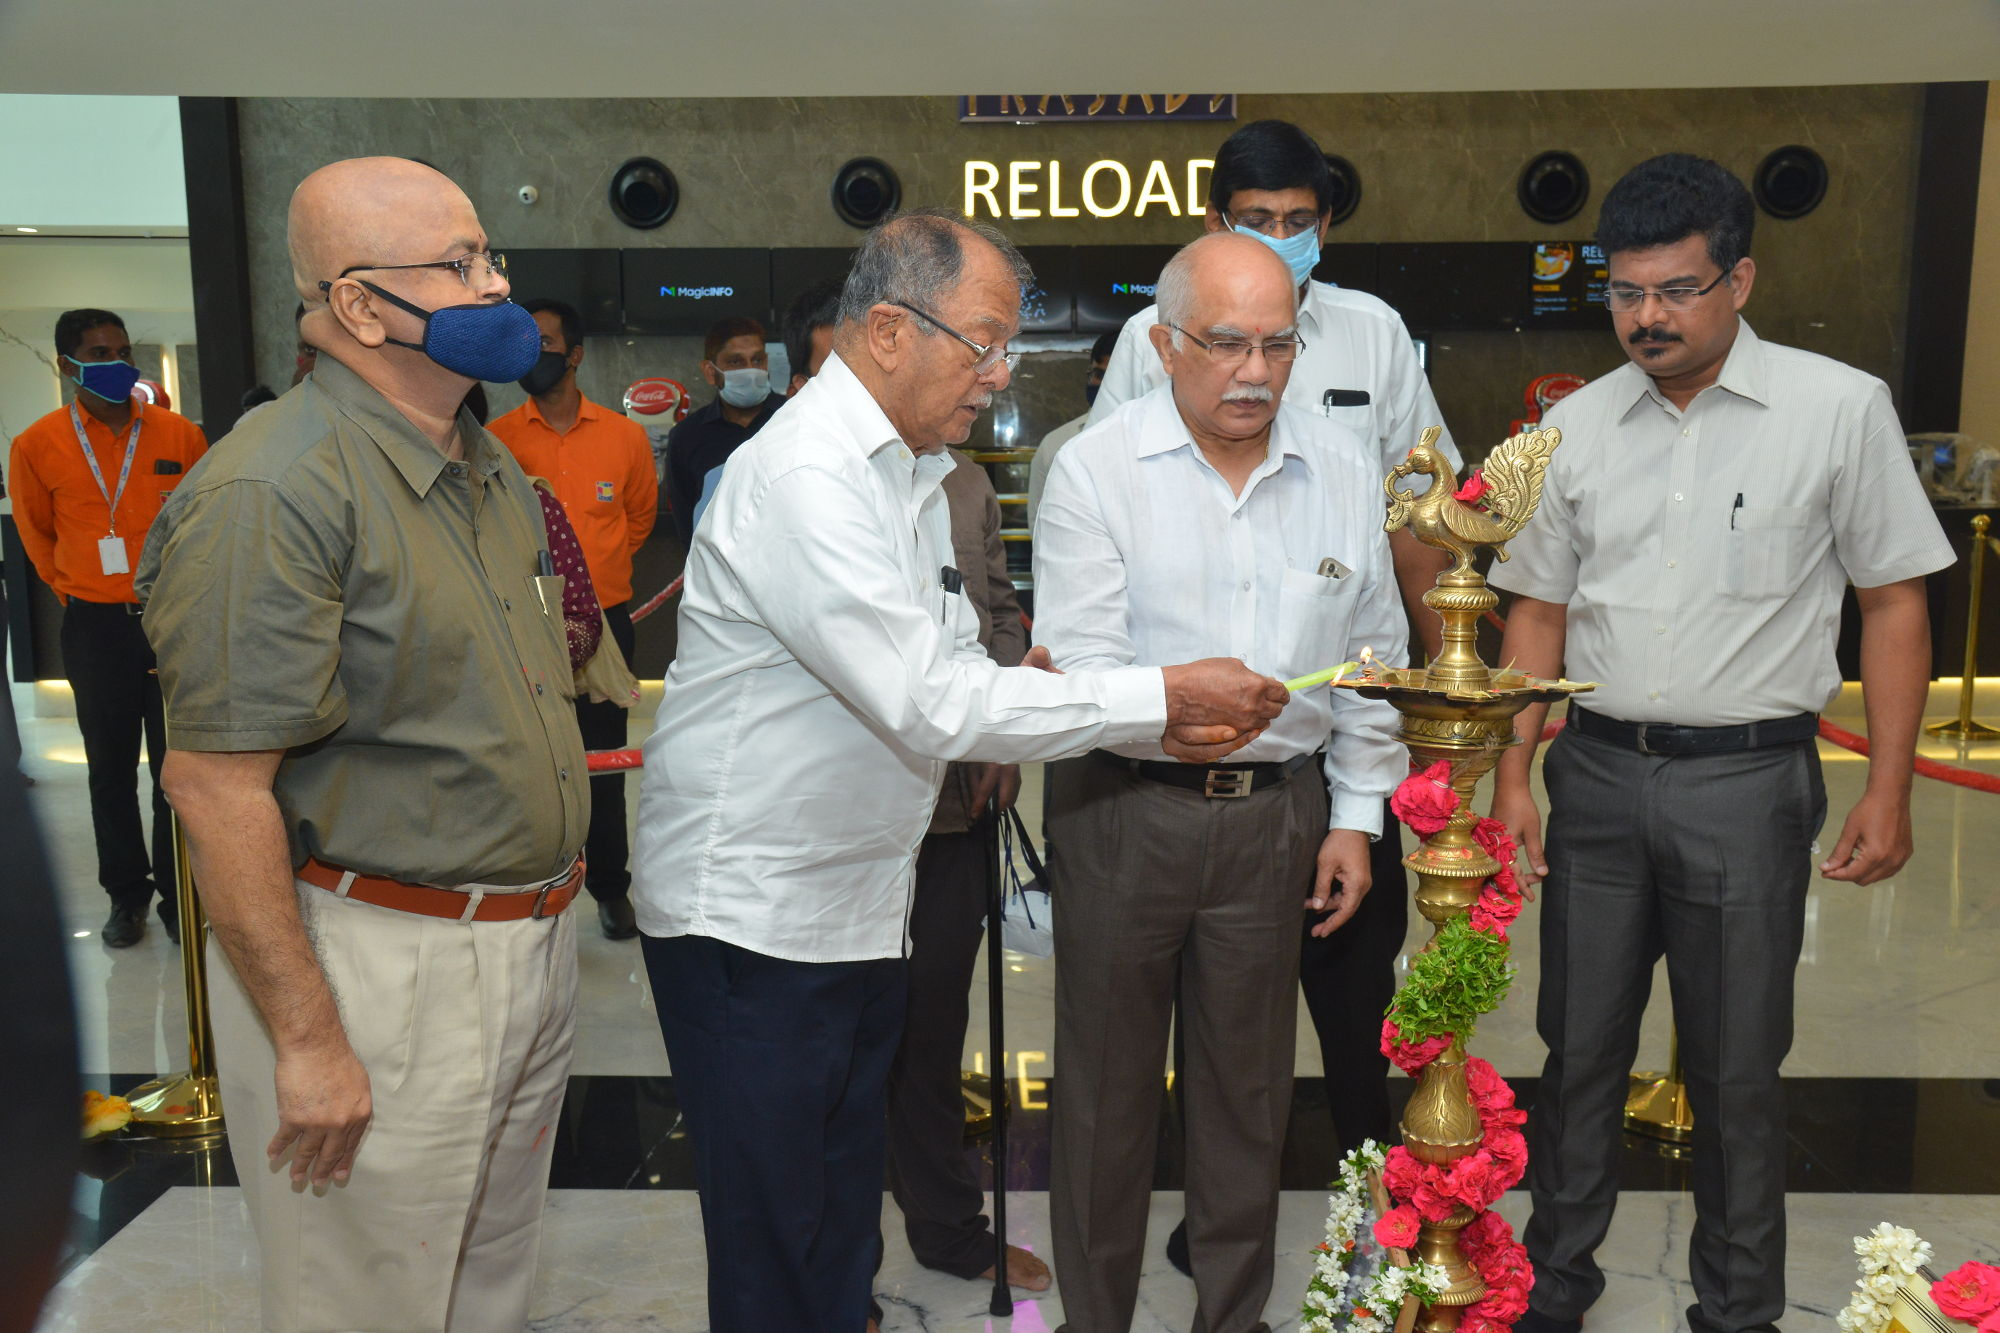 Prasad Multiplex gets a swanky modren new look in renovation